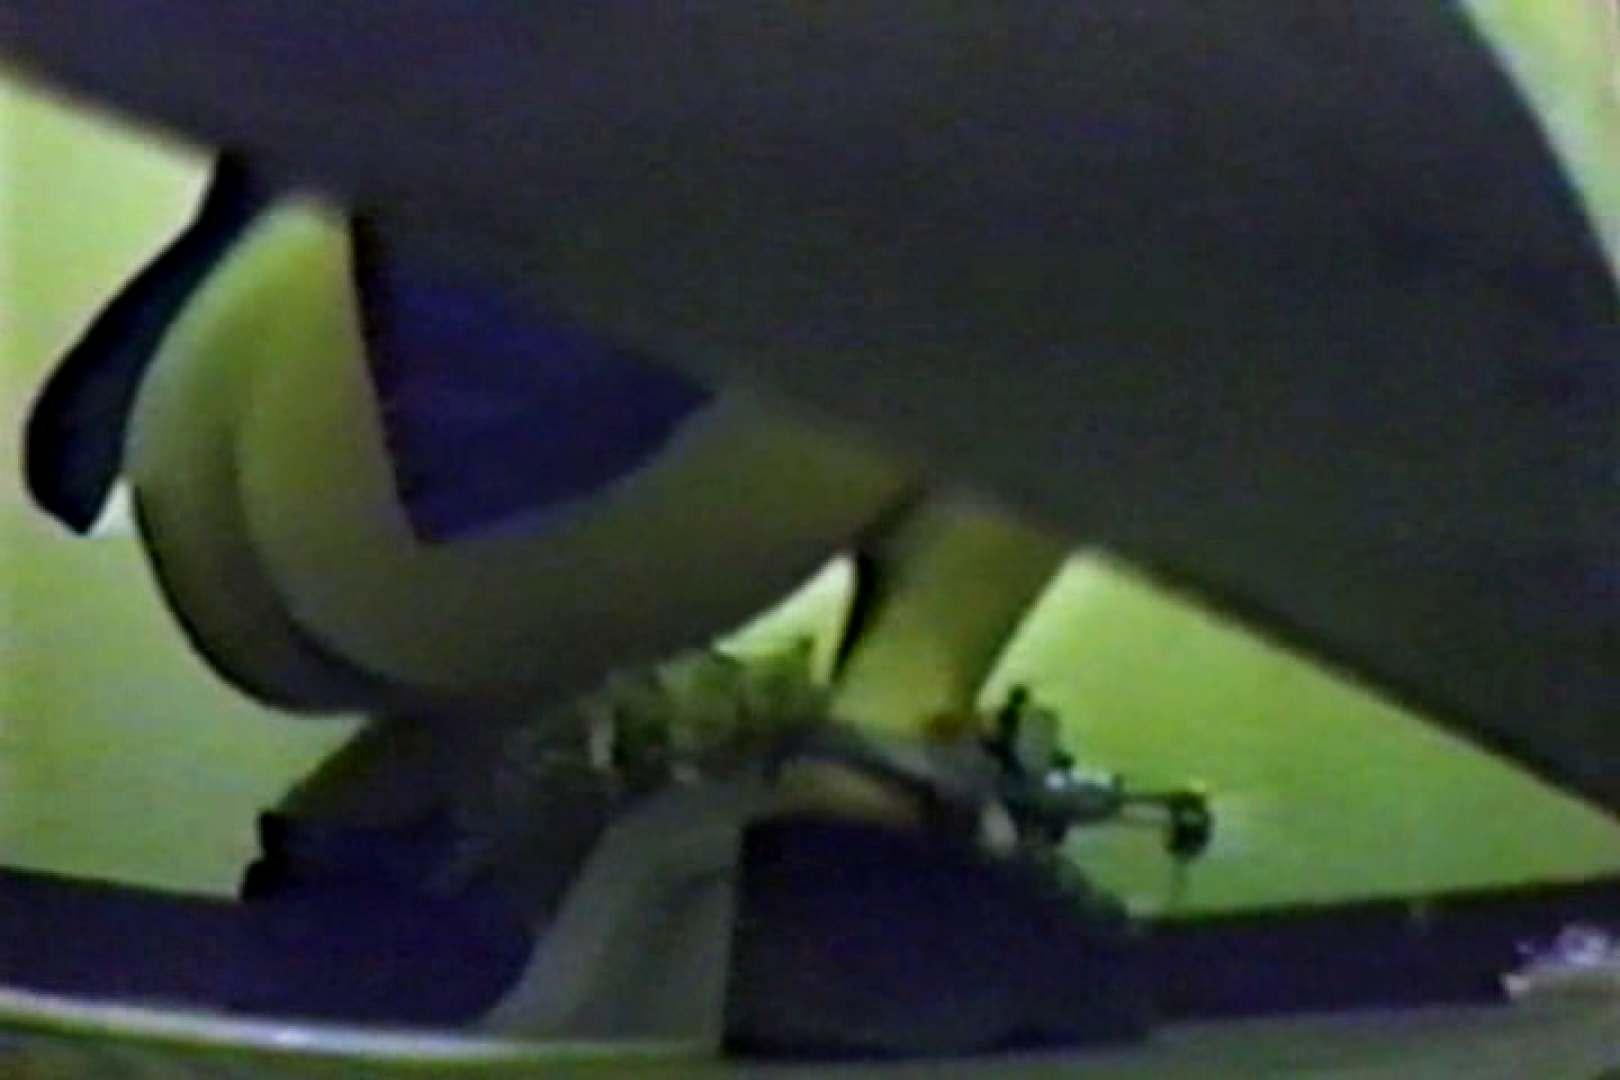 個室狂いのマニア映像Vol.1 エロティックなOL われめAV動画紹介 95画像 74